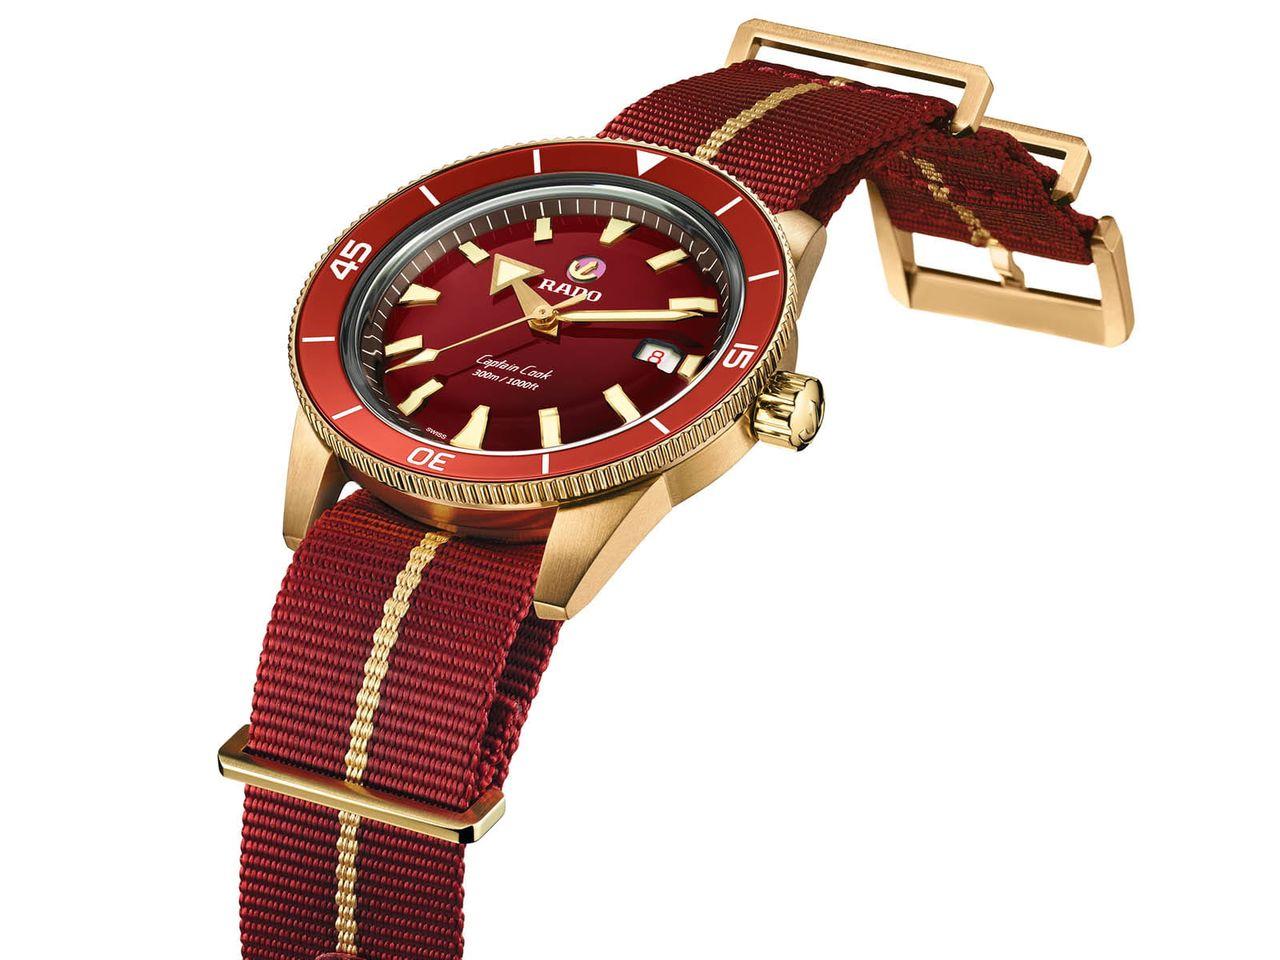 Rado Captain Cook Bronze Burgundy Automatic - szinte biztos, hogy nem csak NATO-szíj illene hozzá